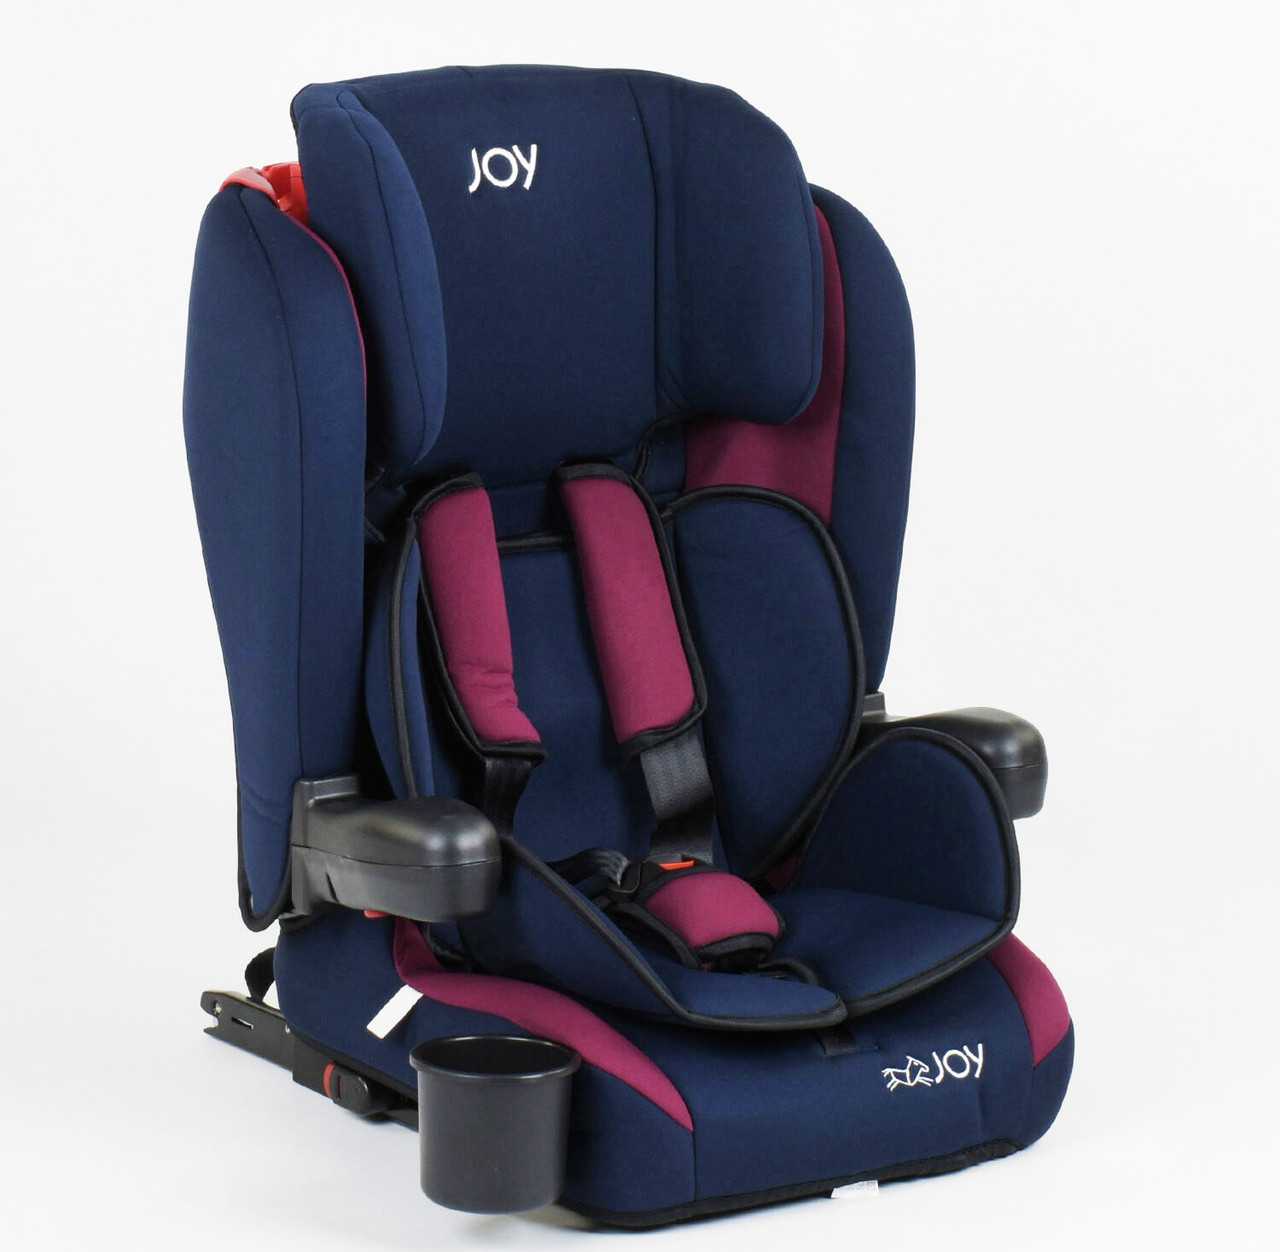 Дитяче автокрісло JOY система ISOFIX універсальне, Темно синій колір